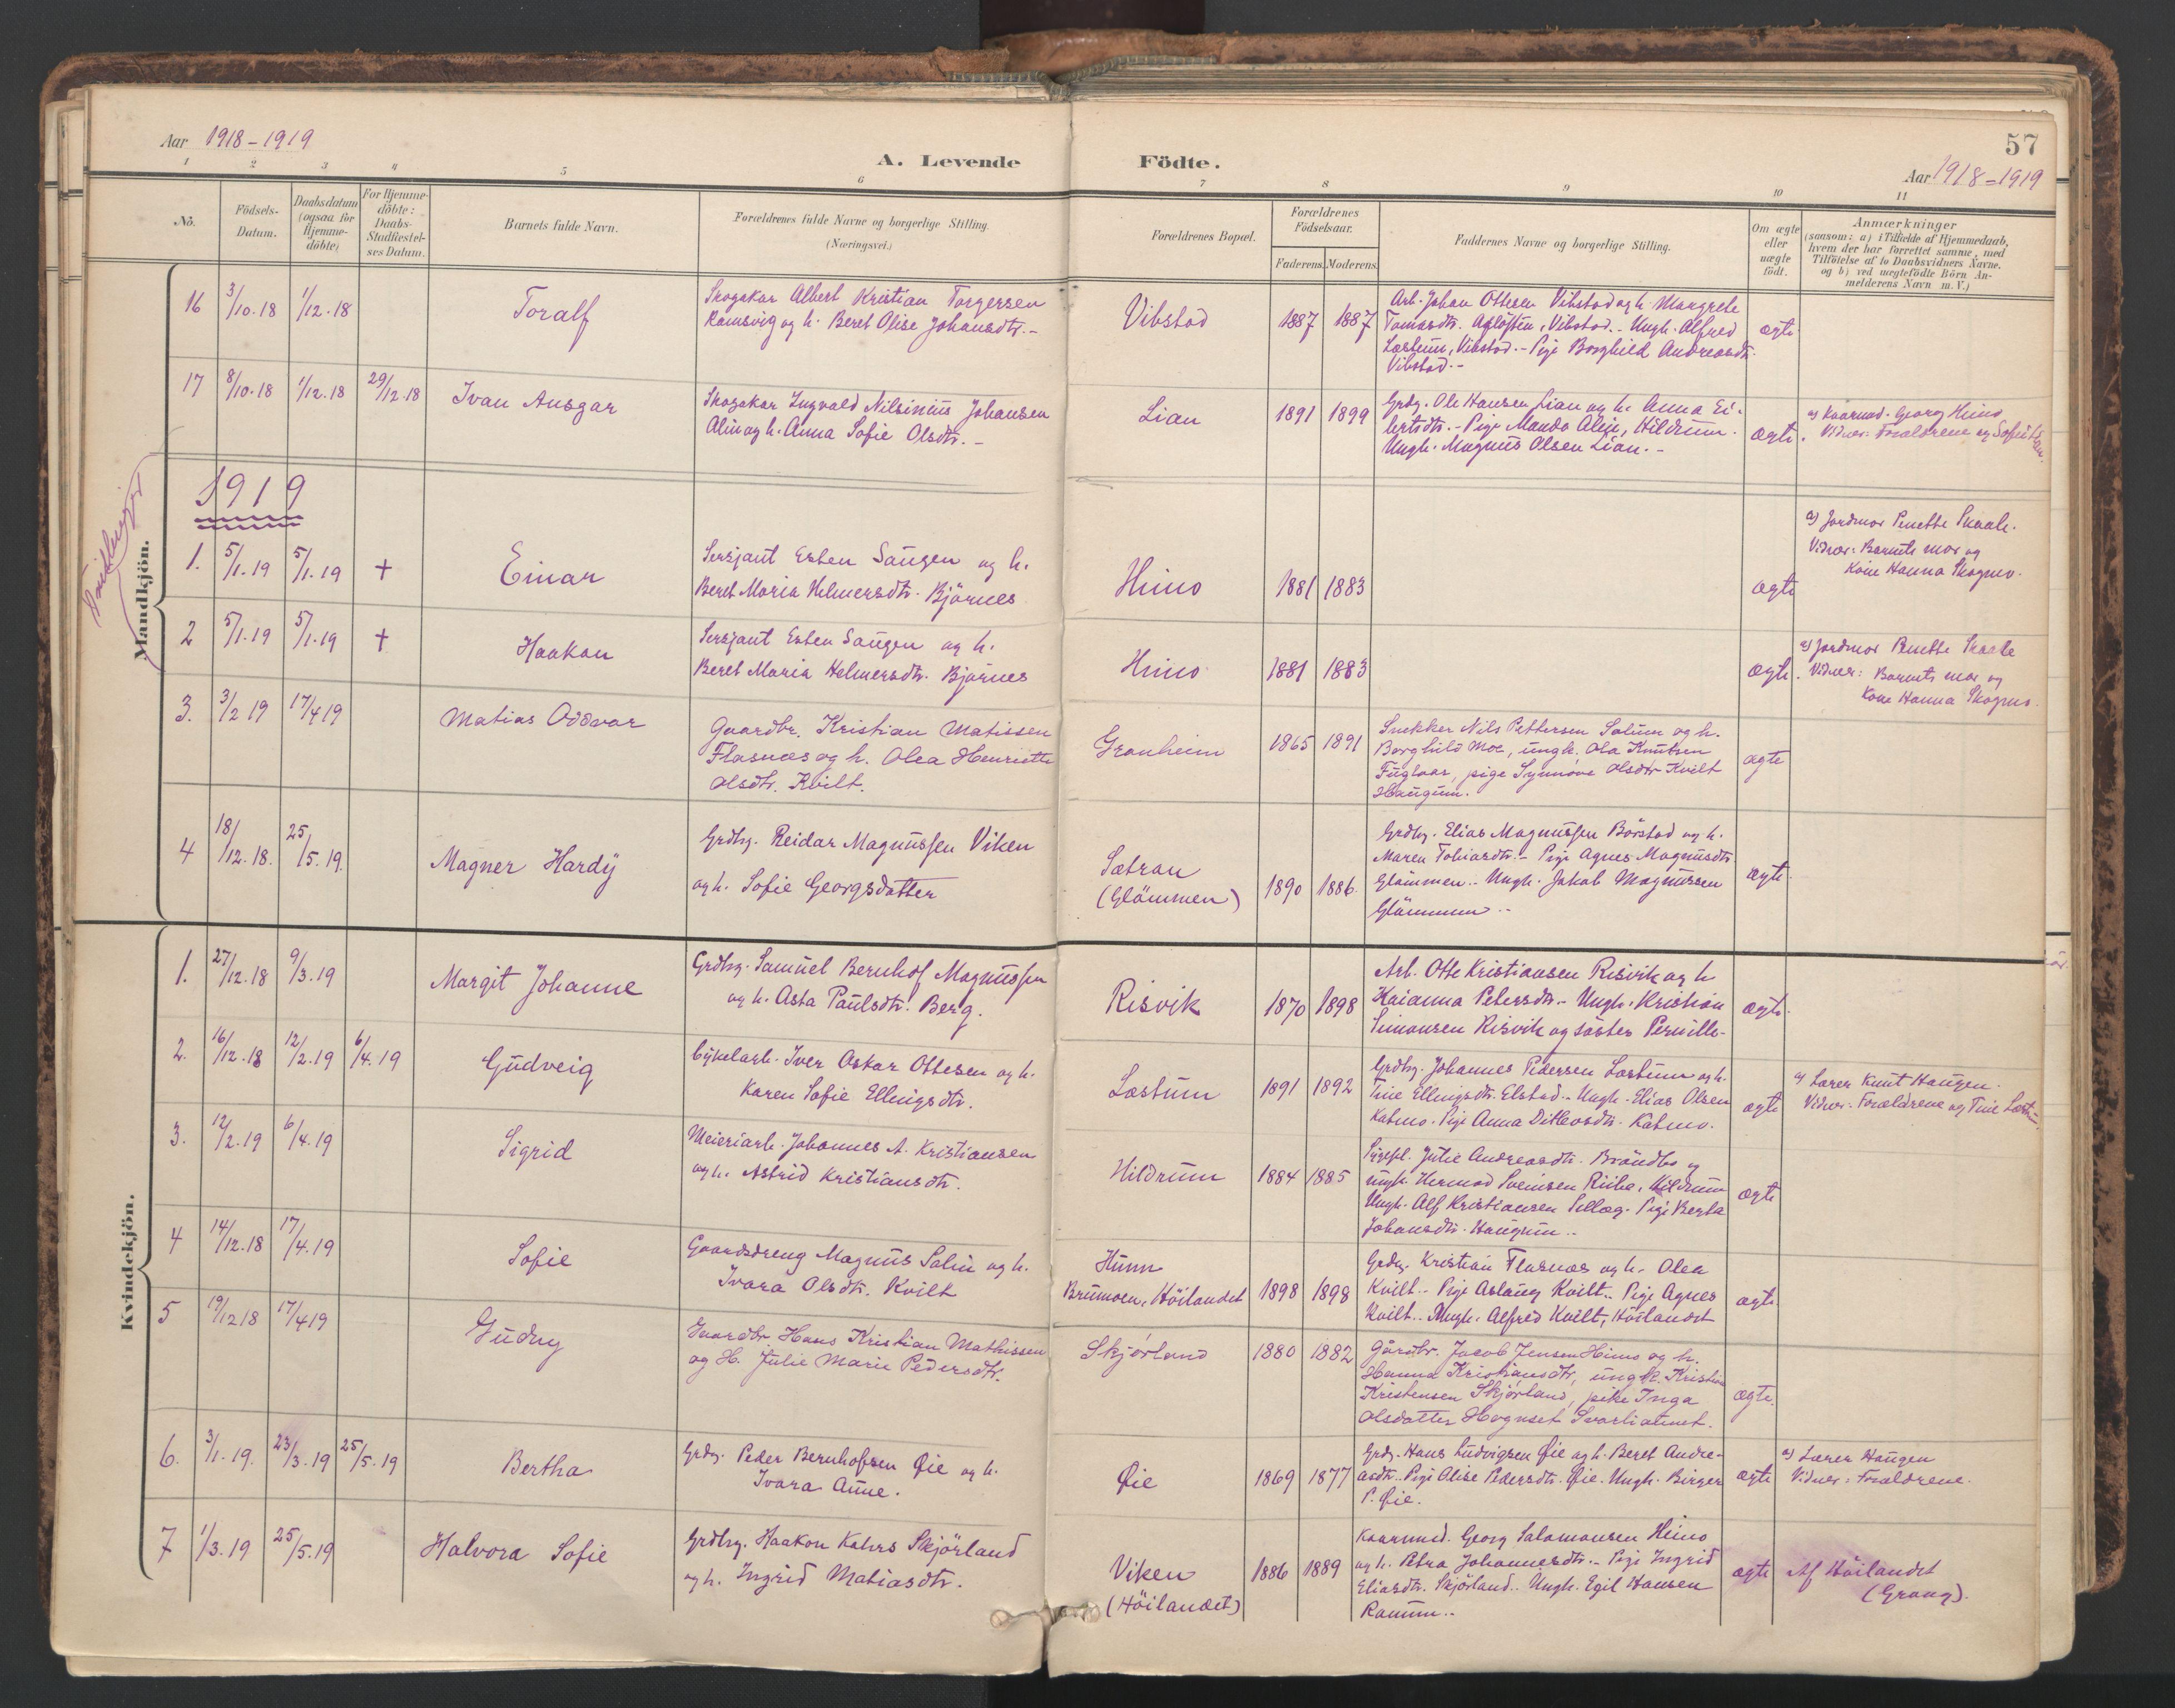 SAT, Ministerialprotokoller, klokkerbøker og fødselsregistre - Nord-Trøndelag, 764/L0556: Ministerialbok nr. 764A11, 1897-1924, s. 57